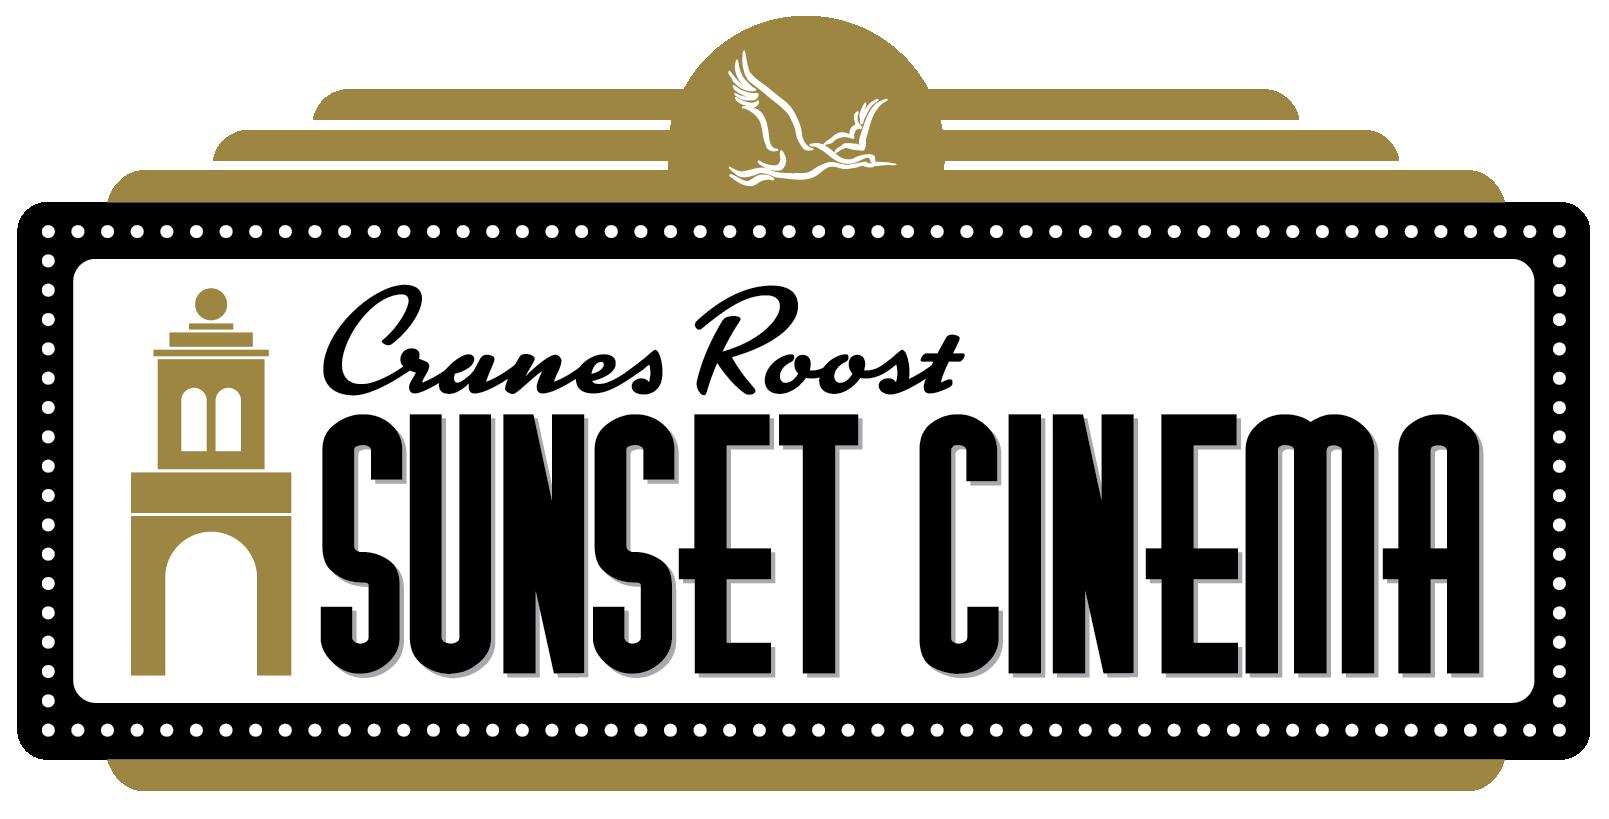 Cranes Roost Halloween 2020 Cranes Roost Sunset Cinema   Halloween Edition   31 OCT 2020